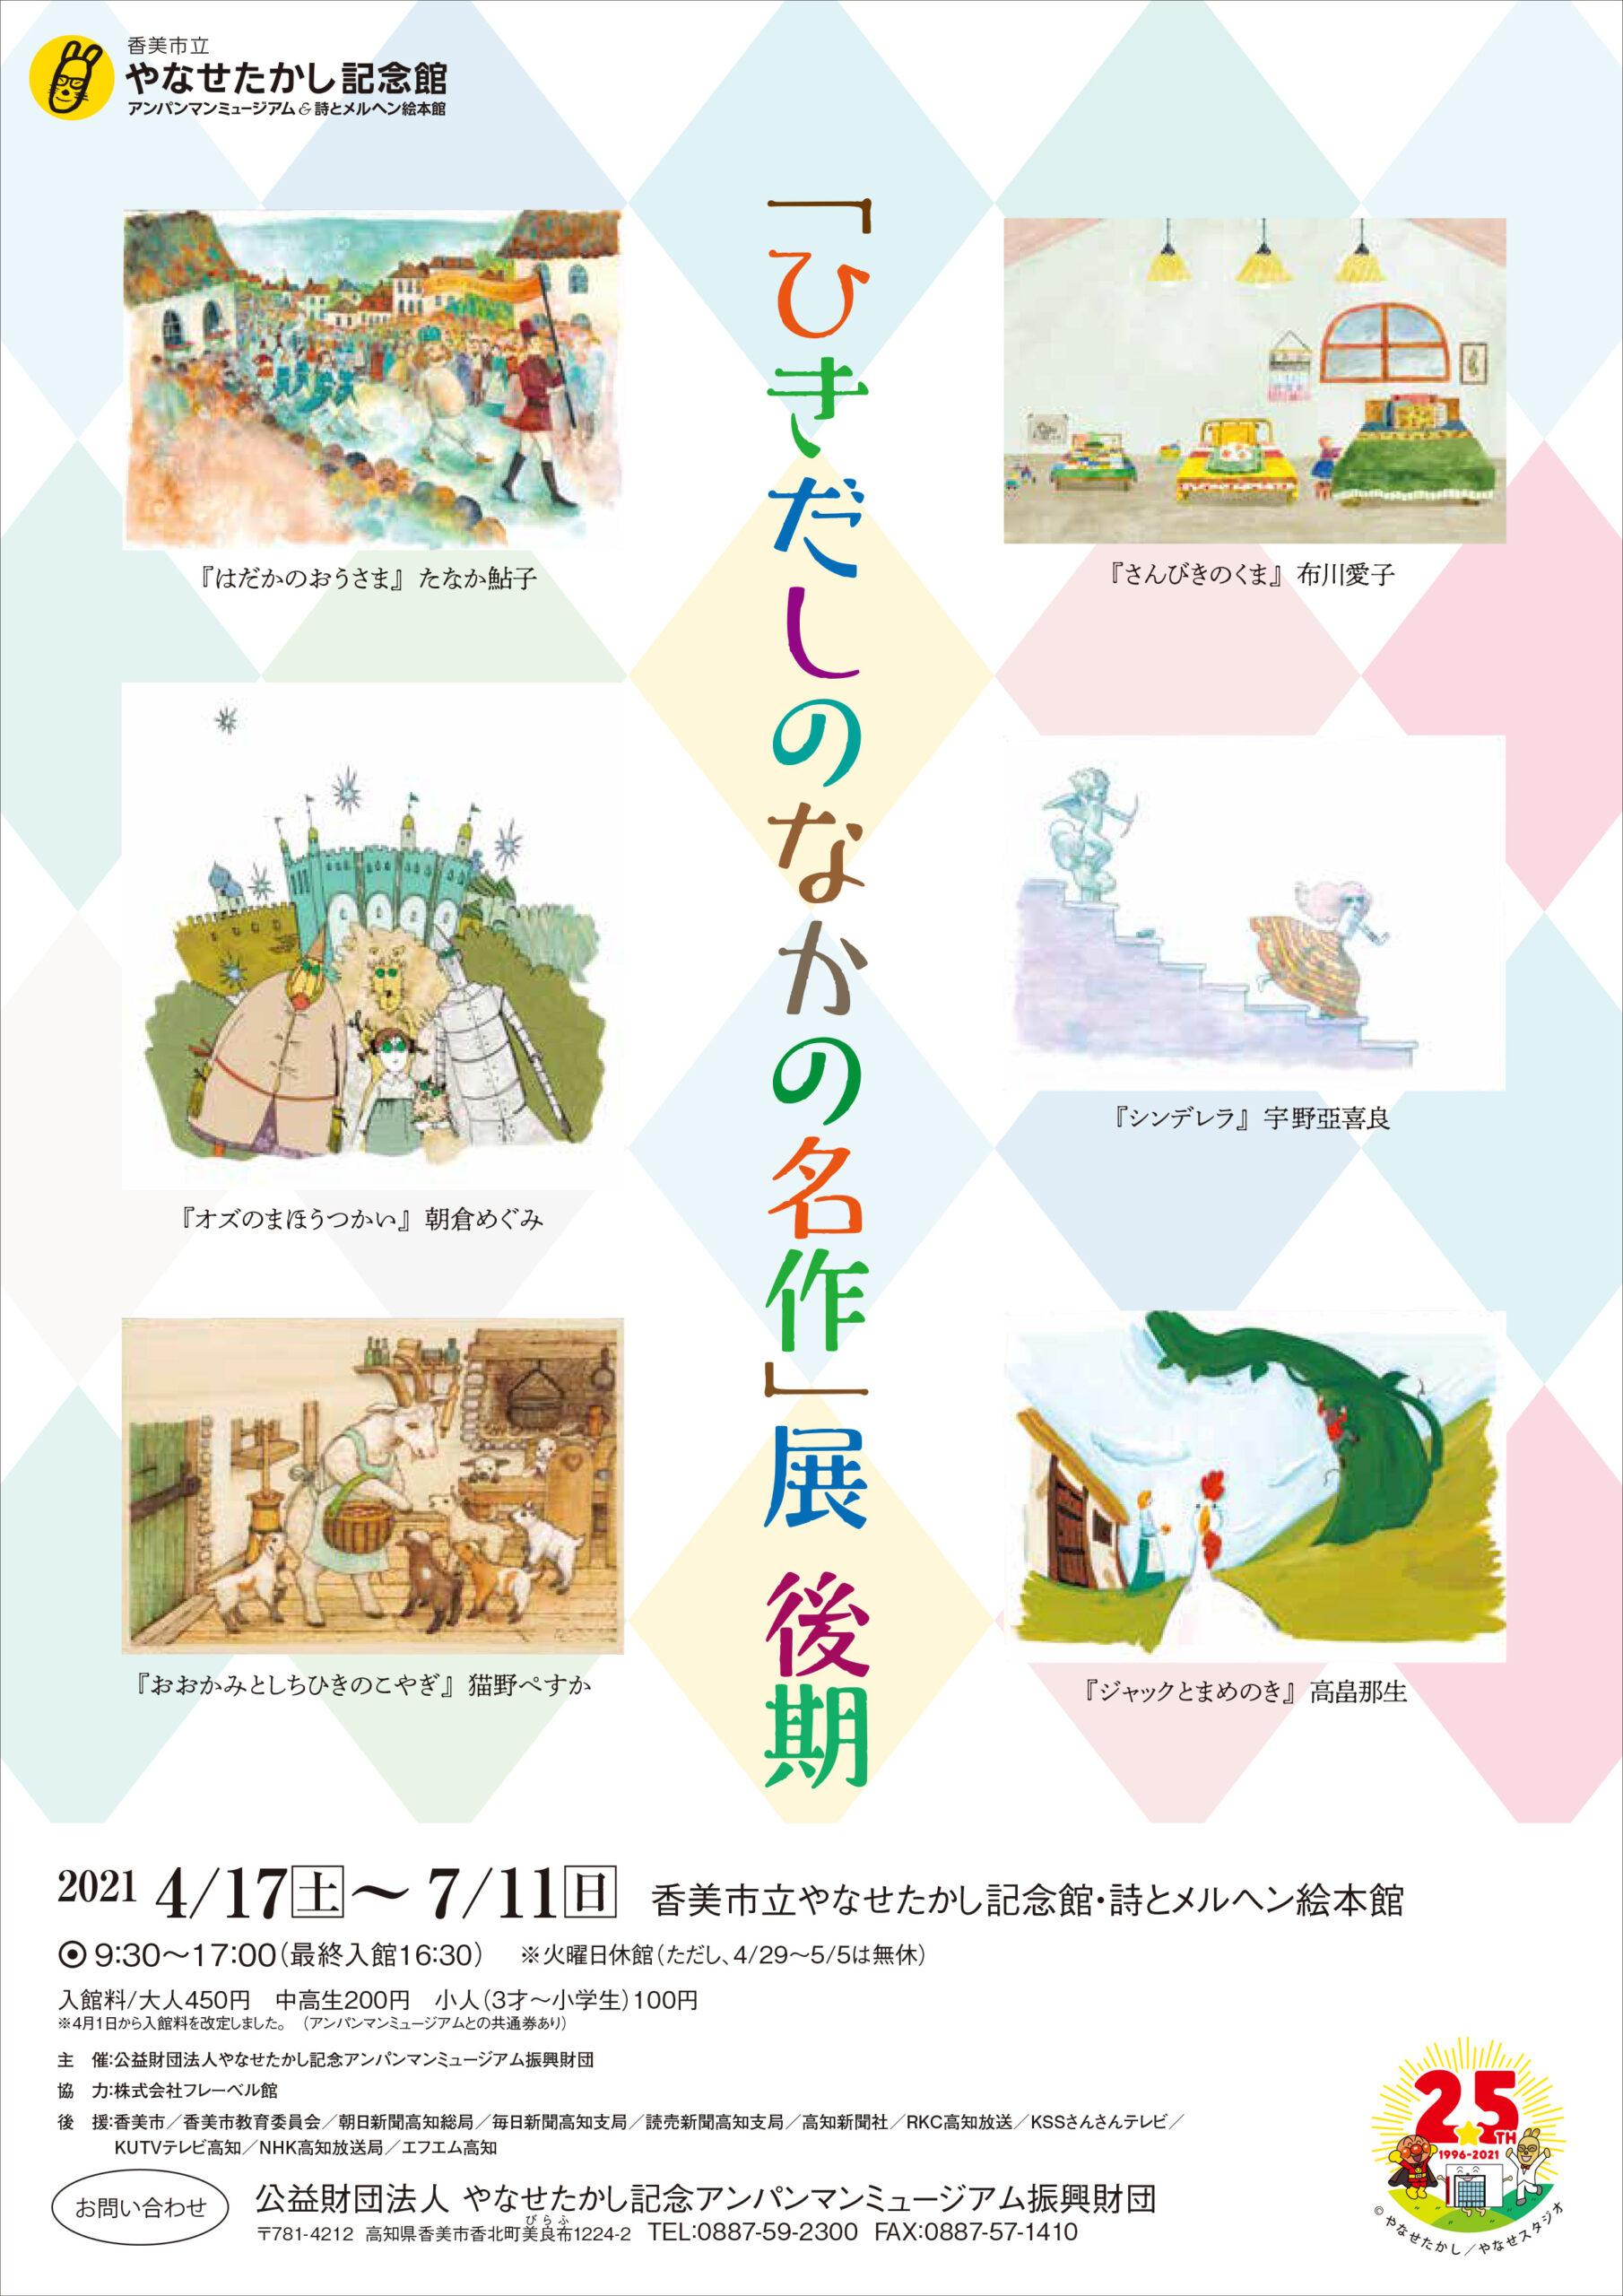 【高知県】「ひきだしのなかの名作」展 後期:2021年4月17日(土)~7月11日(日)